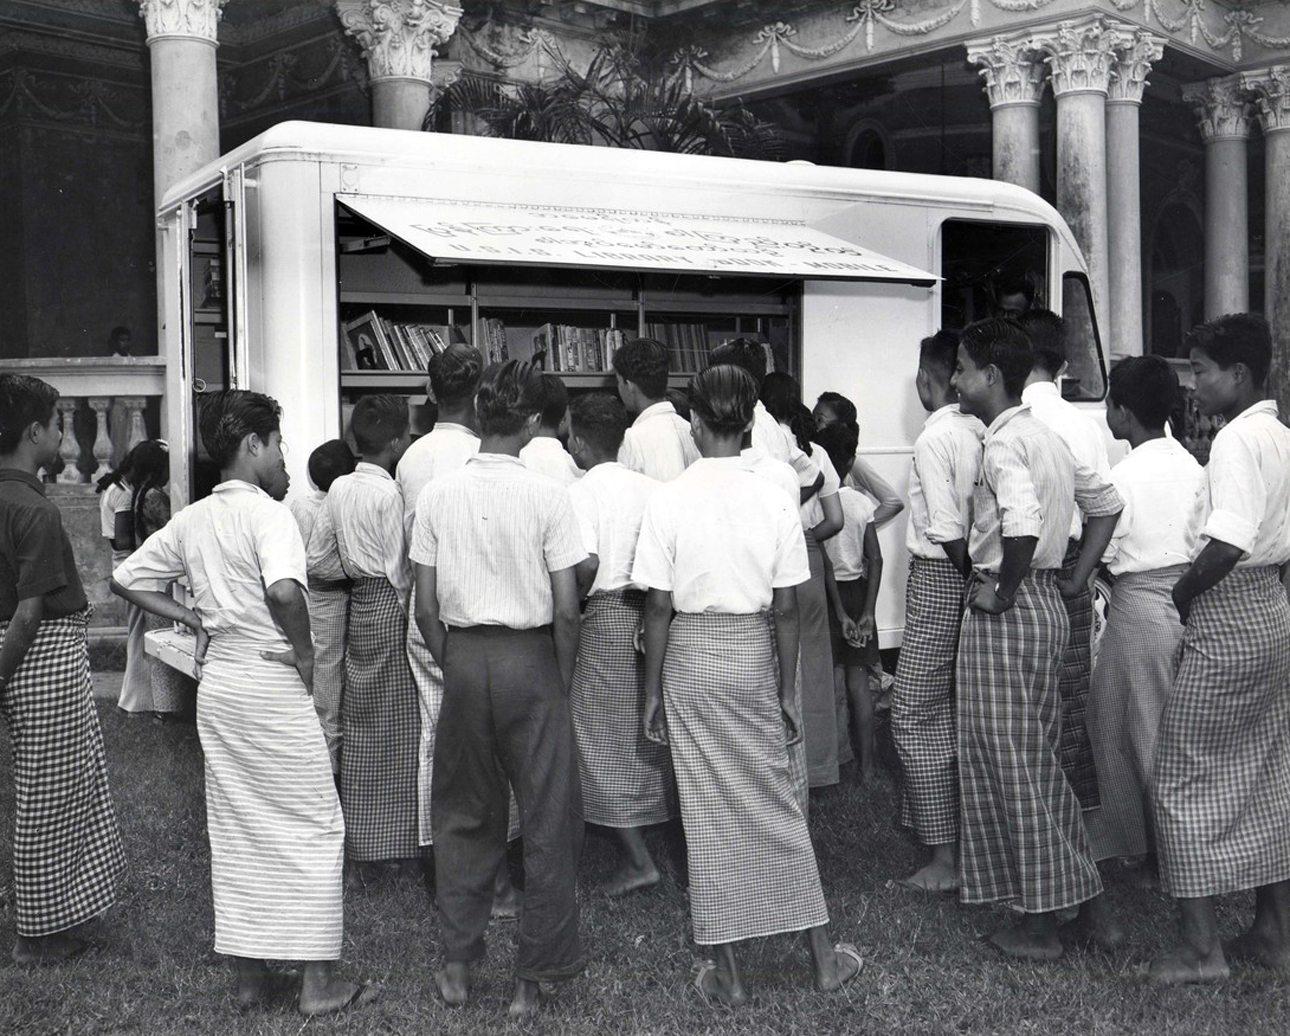 Μαθητές υποδέχονται όλο χαρά μία κινητή βιβλιοθήκη στην πόλη Γιανγκόν της Μιανμάρ, την δεκαετία του '50